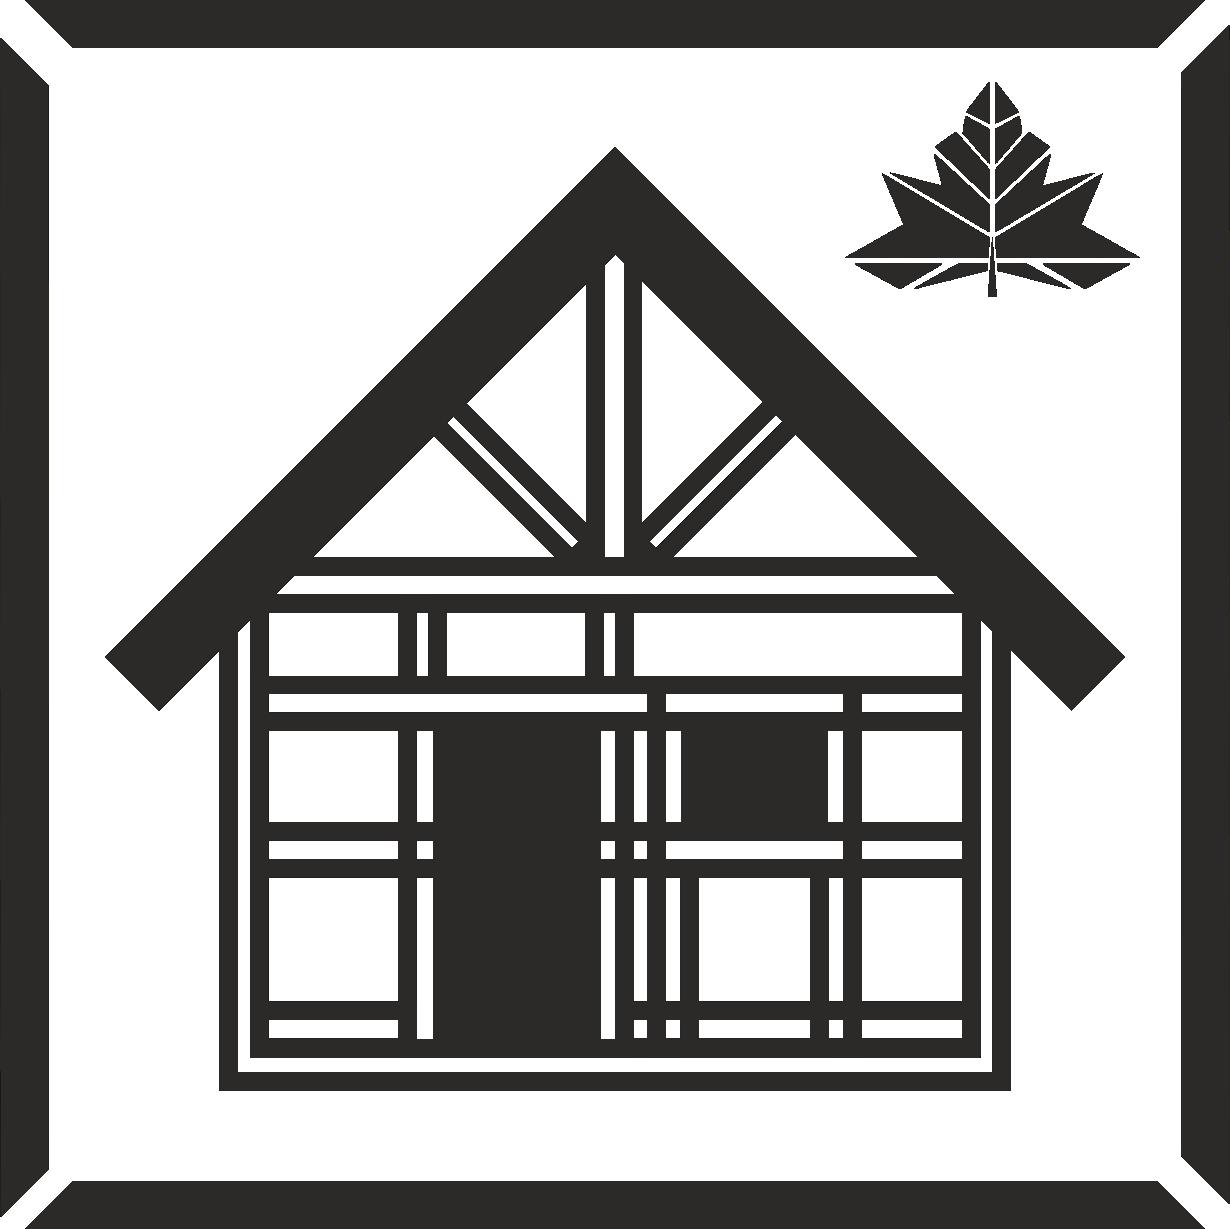 CASAS DE MADERA - MATIOSKA - Diseño y construcción con madera